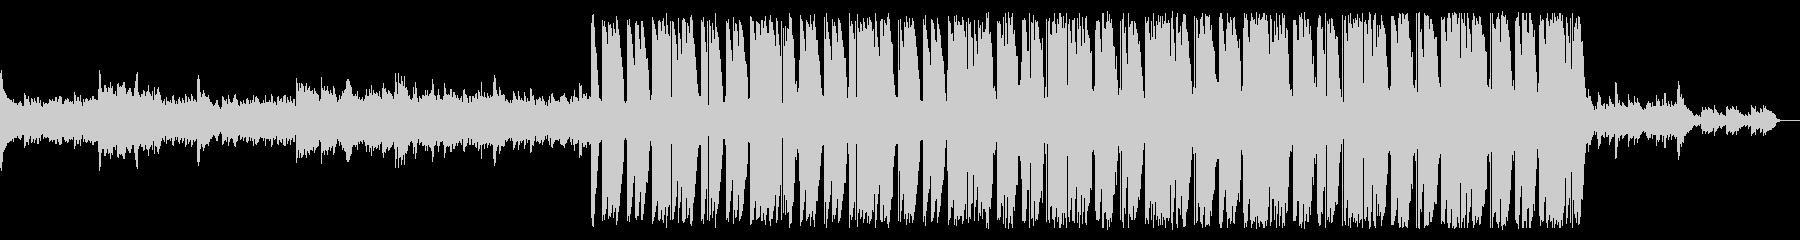 イルカと対話するバラードトラップビート曲の未再生の波形